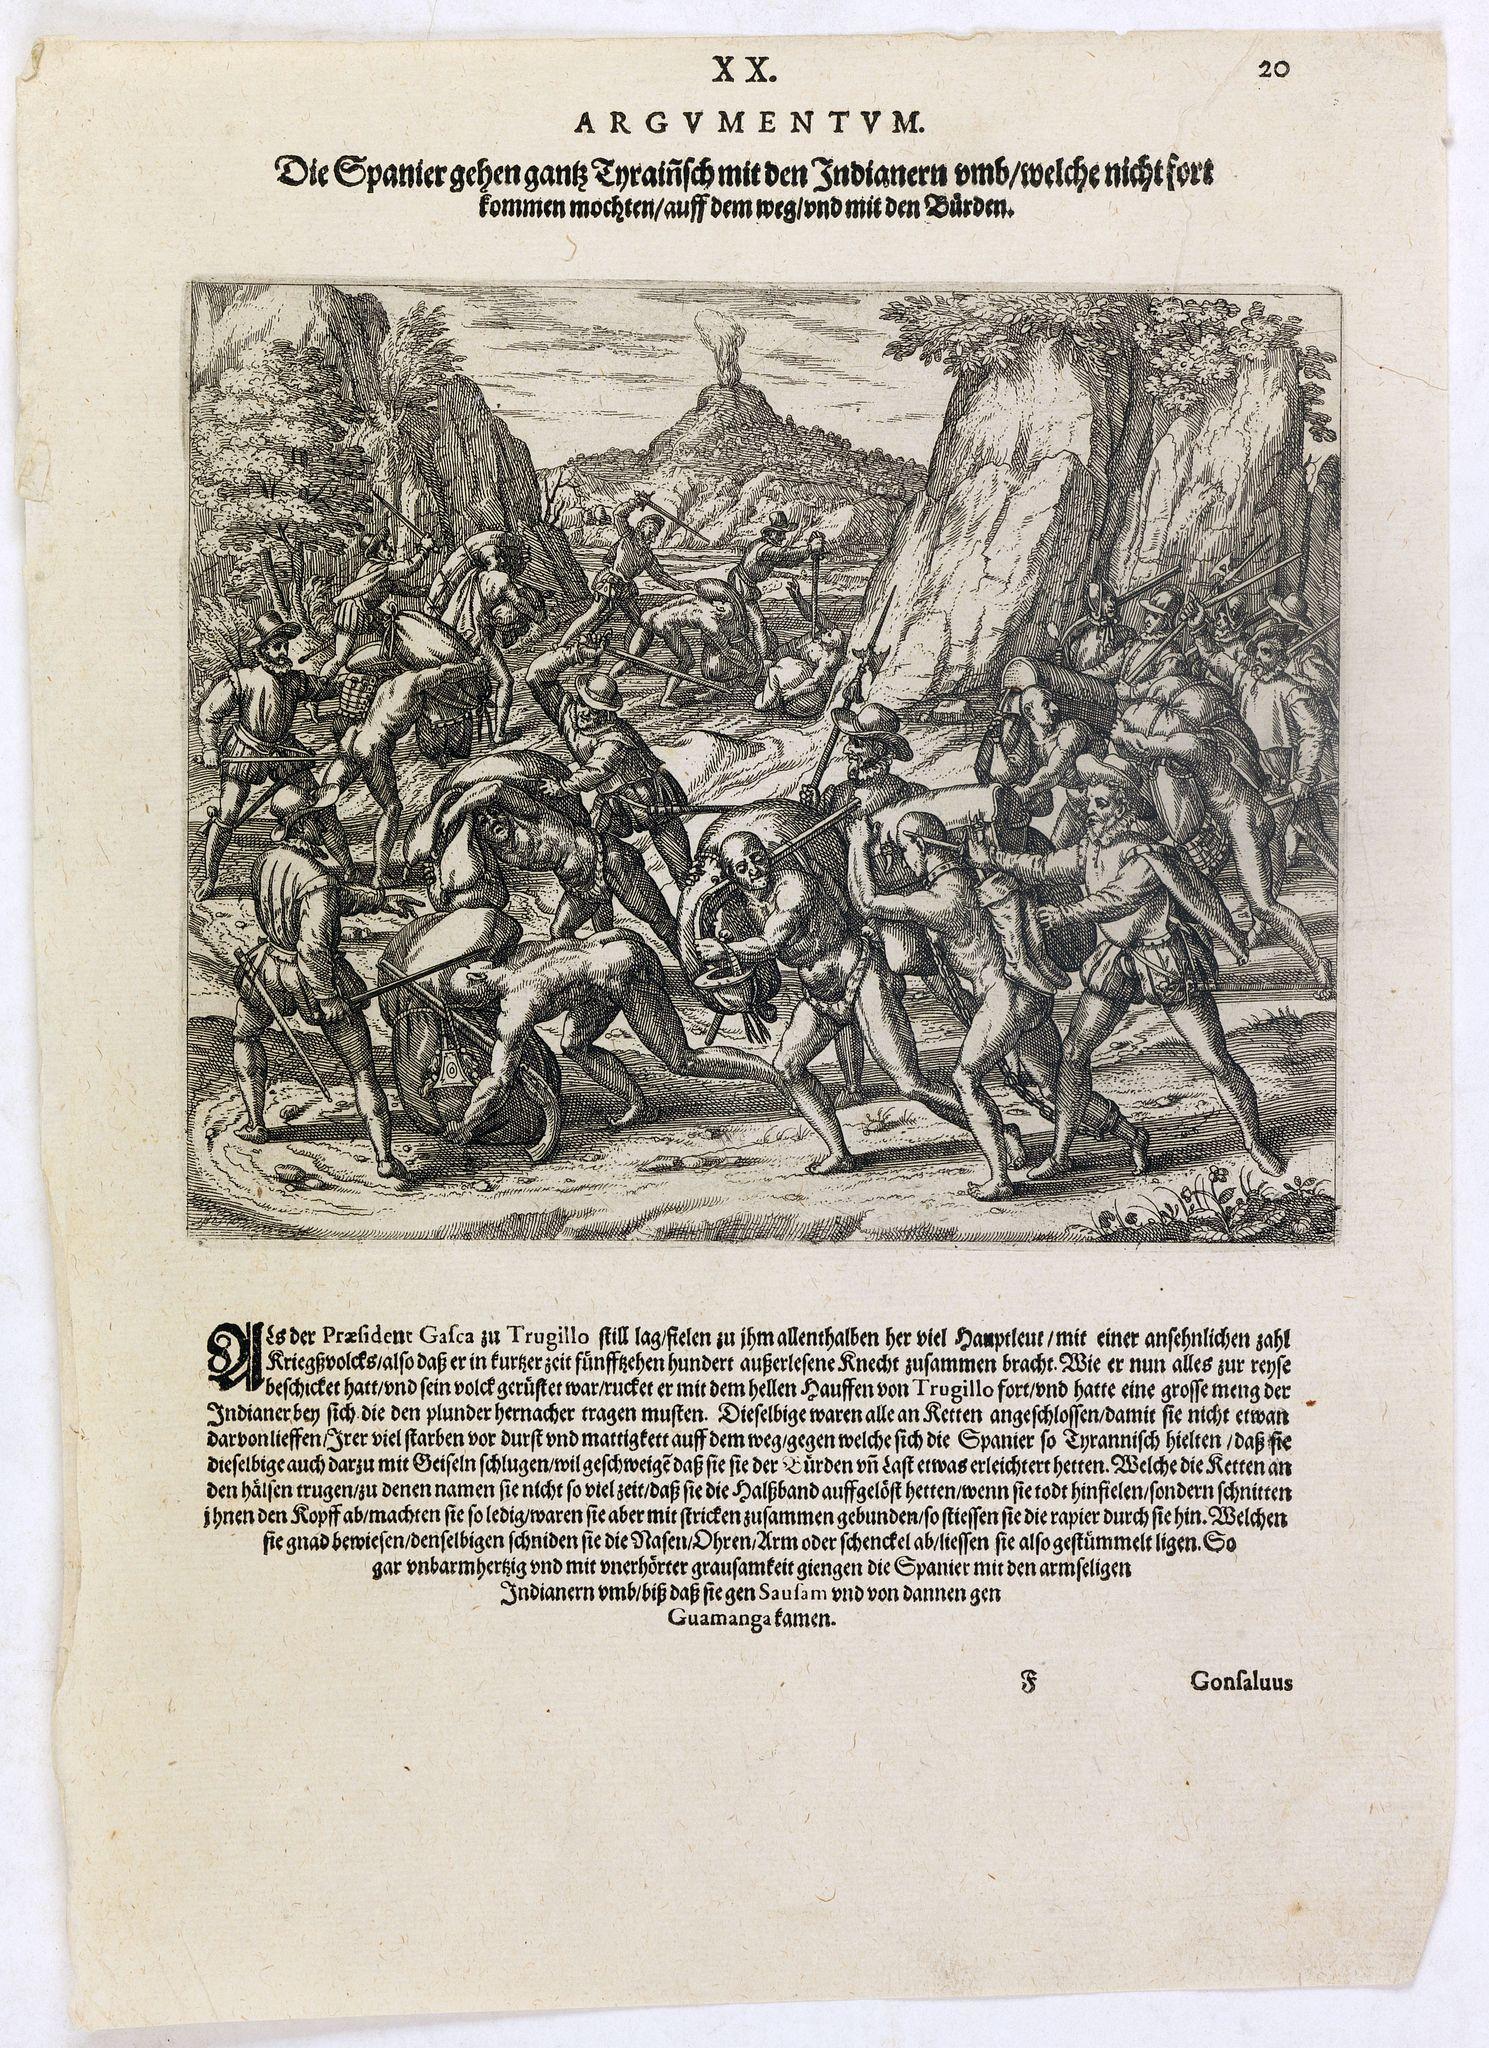 DE BRY, Th. -  Die Spanier gehen gantz Tyraiñsch mit den Indianern umb welche nicht fort kommen mochten . . .